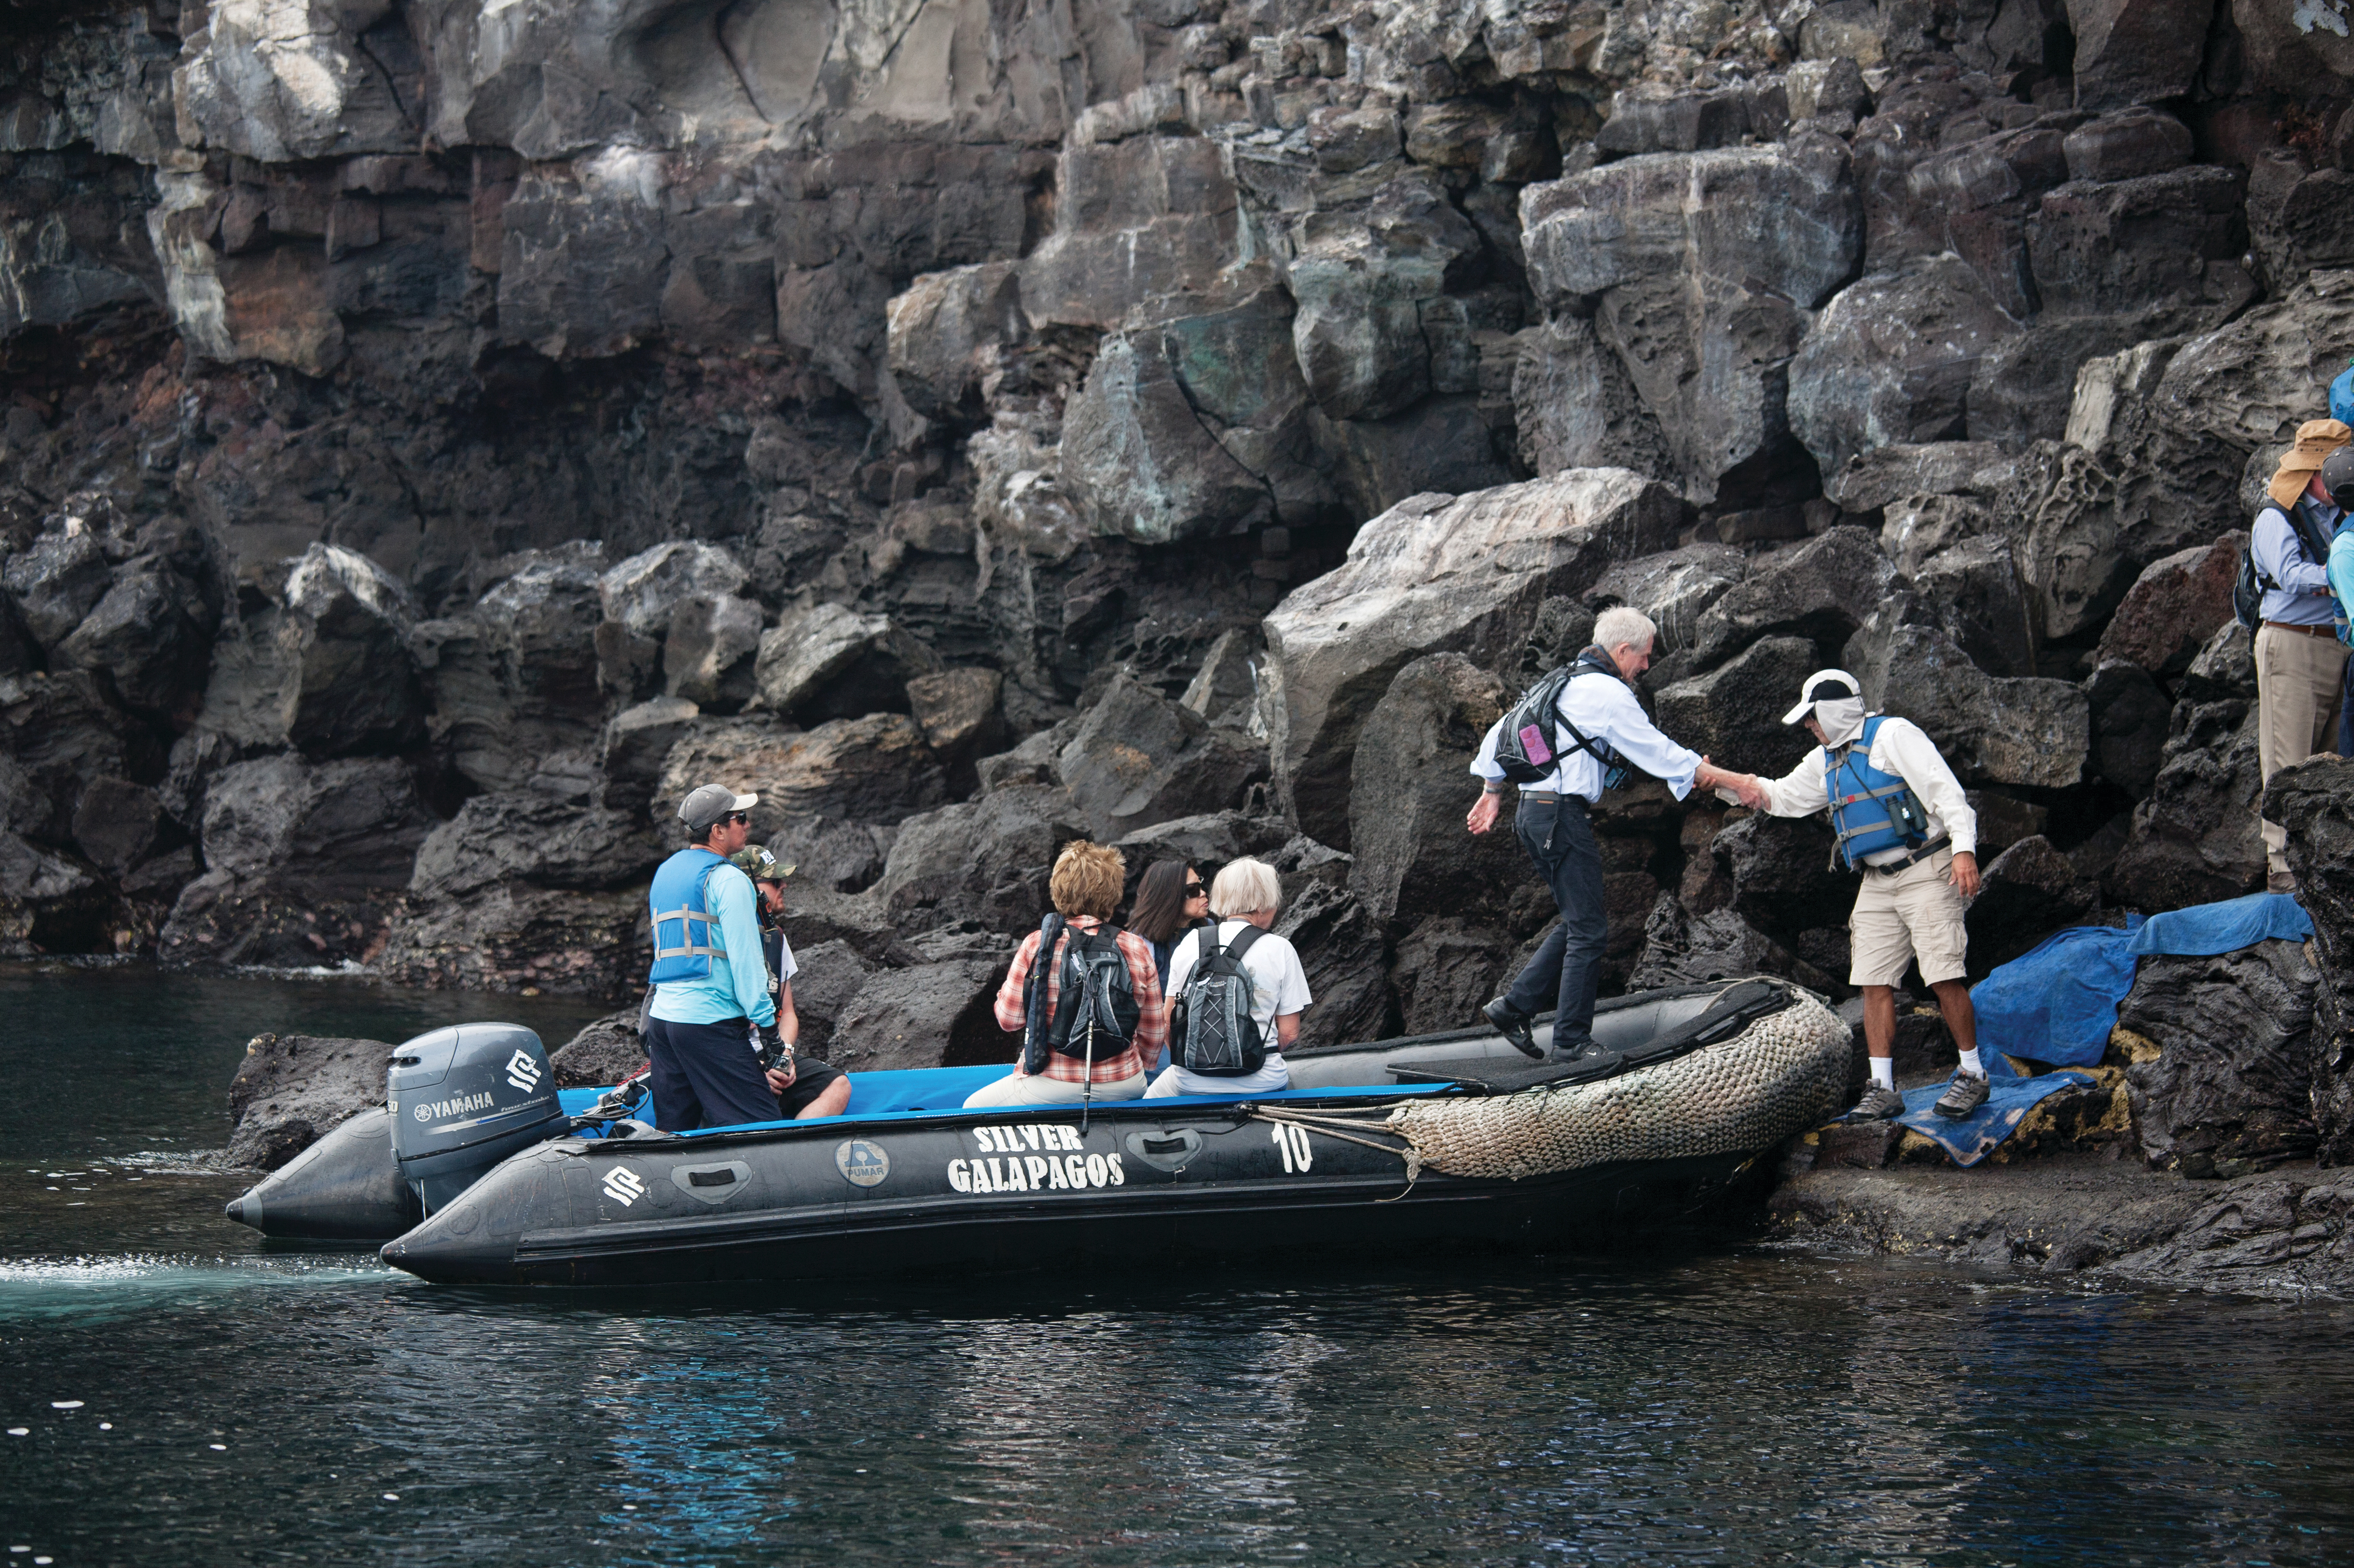 Silver Galapagos - Zodiac landing